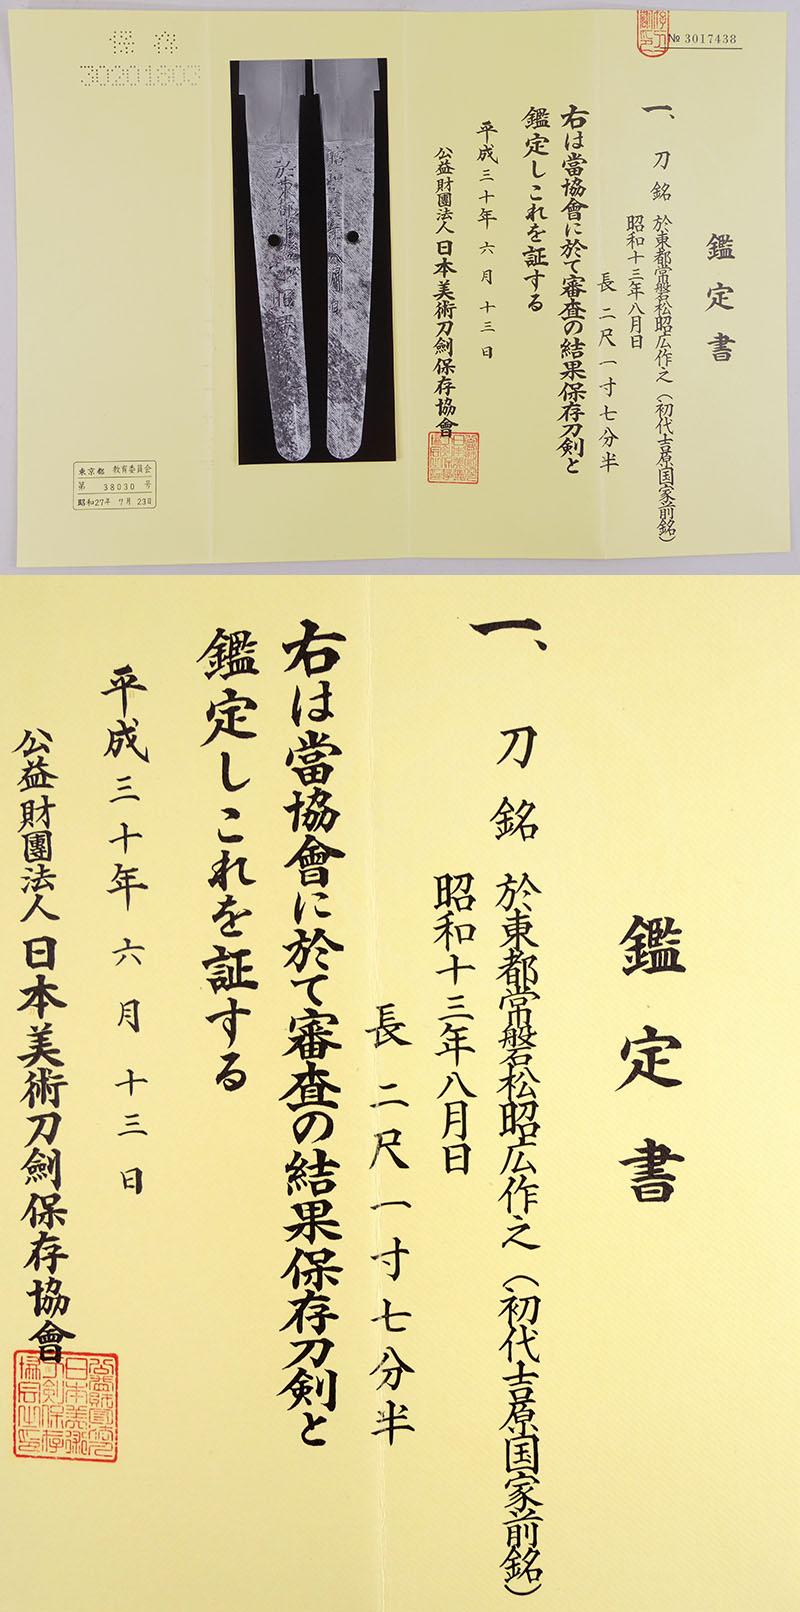 於東都常磐松昭広作之(初代吉原国家前銘) Picture of Certificate